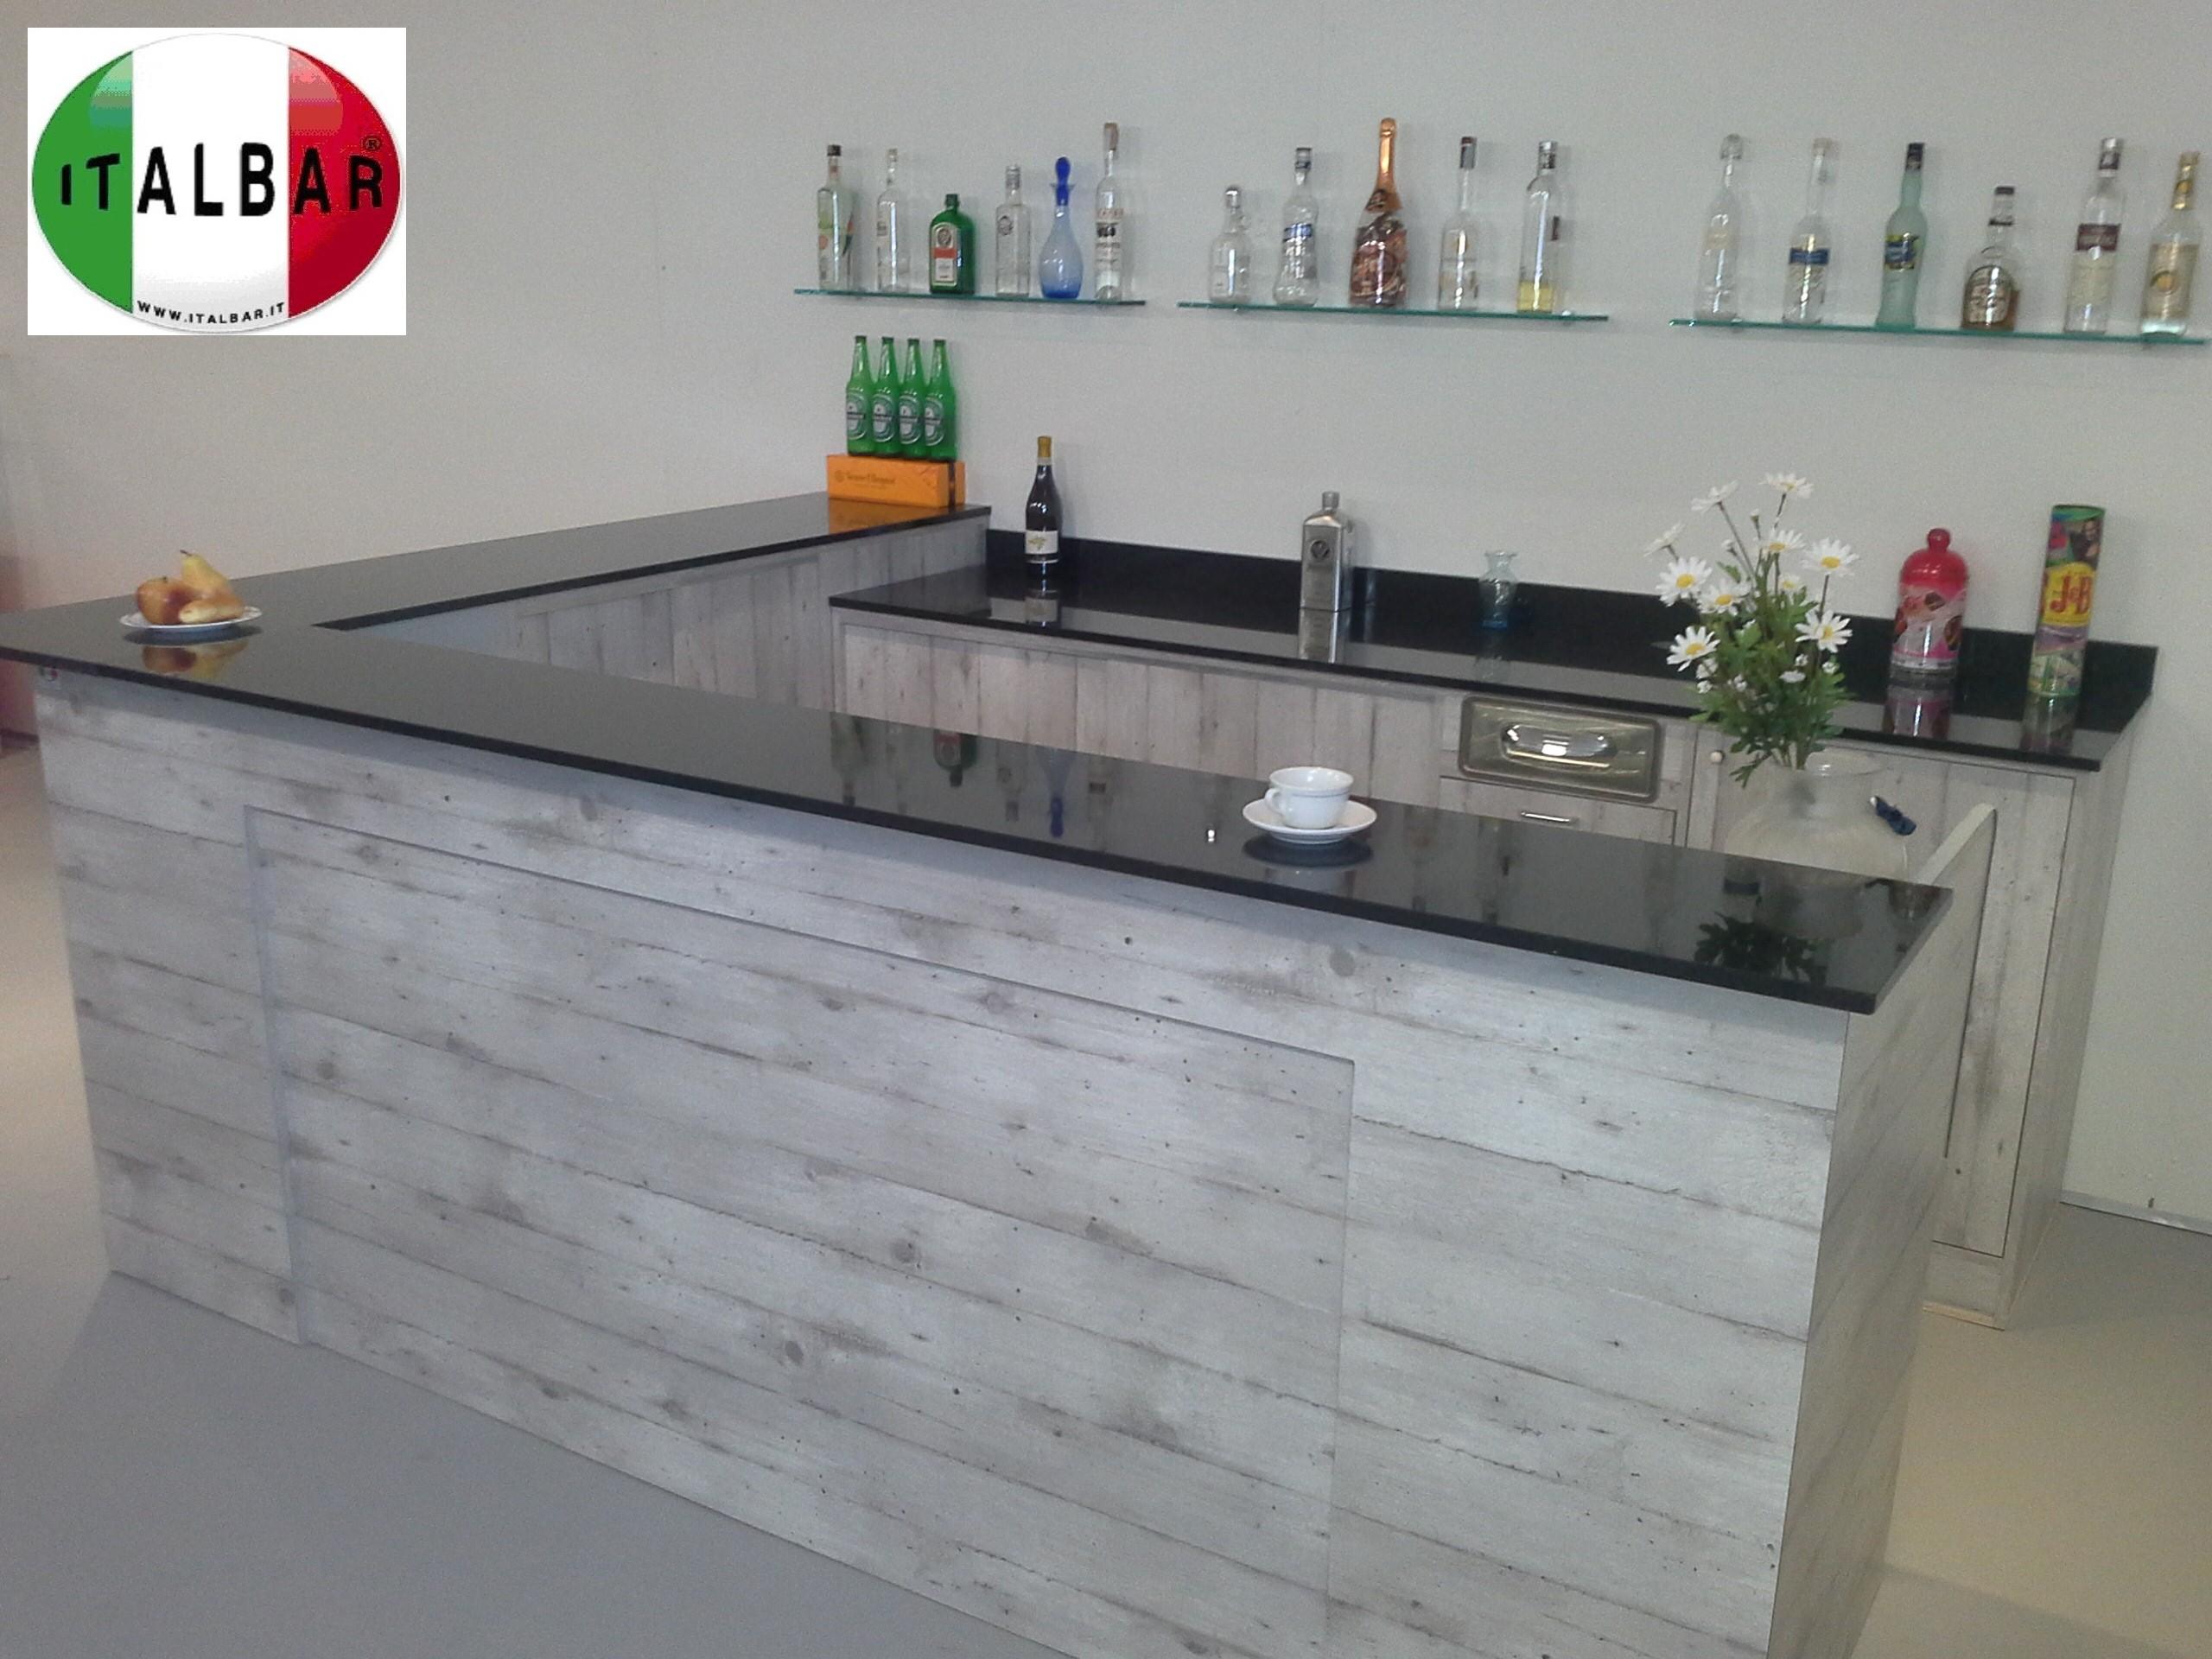 Banchi bar produttori banchi bar grezzi e rivestiti for Bancone bar inglese